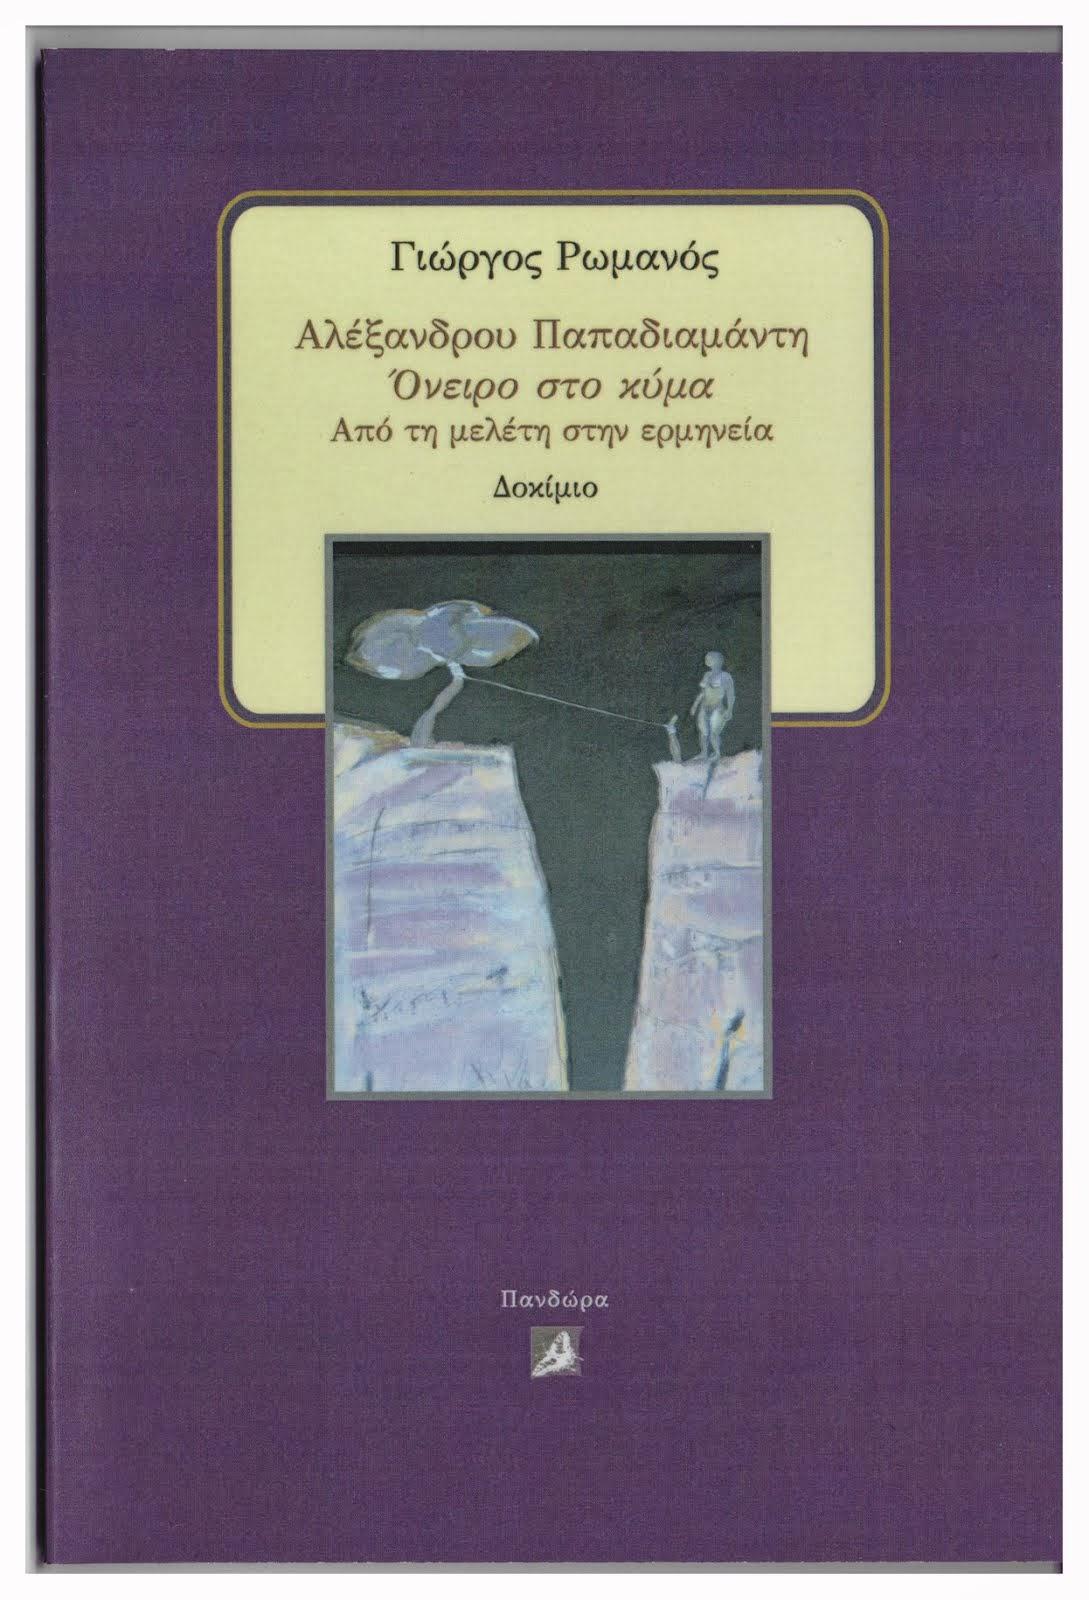 Αλέξανδρου Παπαδιαμάντη / Όνειρο στο κύμα / Από τη μελέτη στην ερμηνεία, Δοκίμιο, Εκδόσεις Πανδώρα